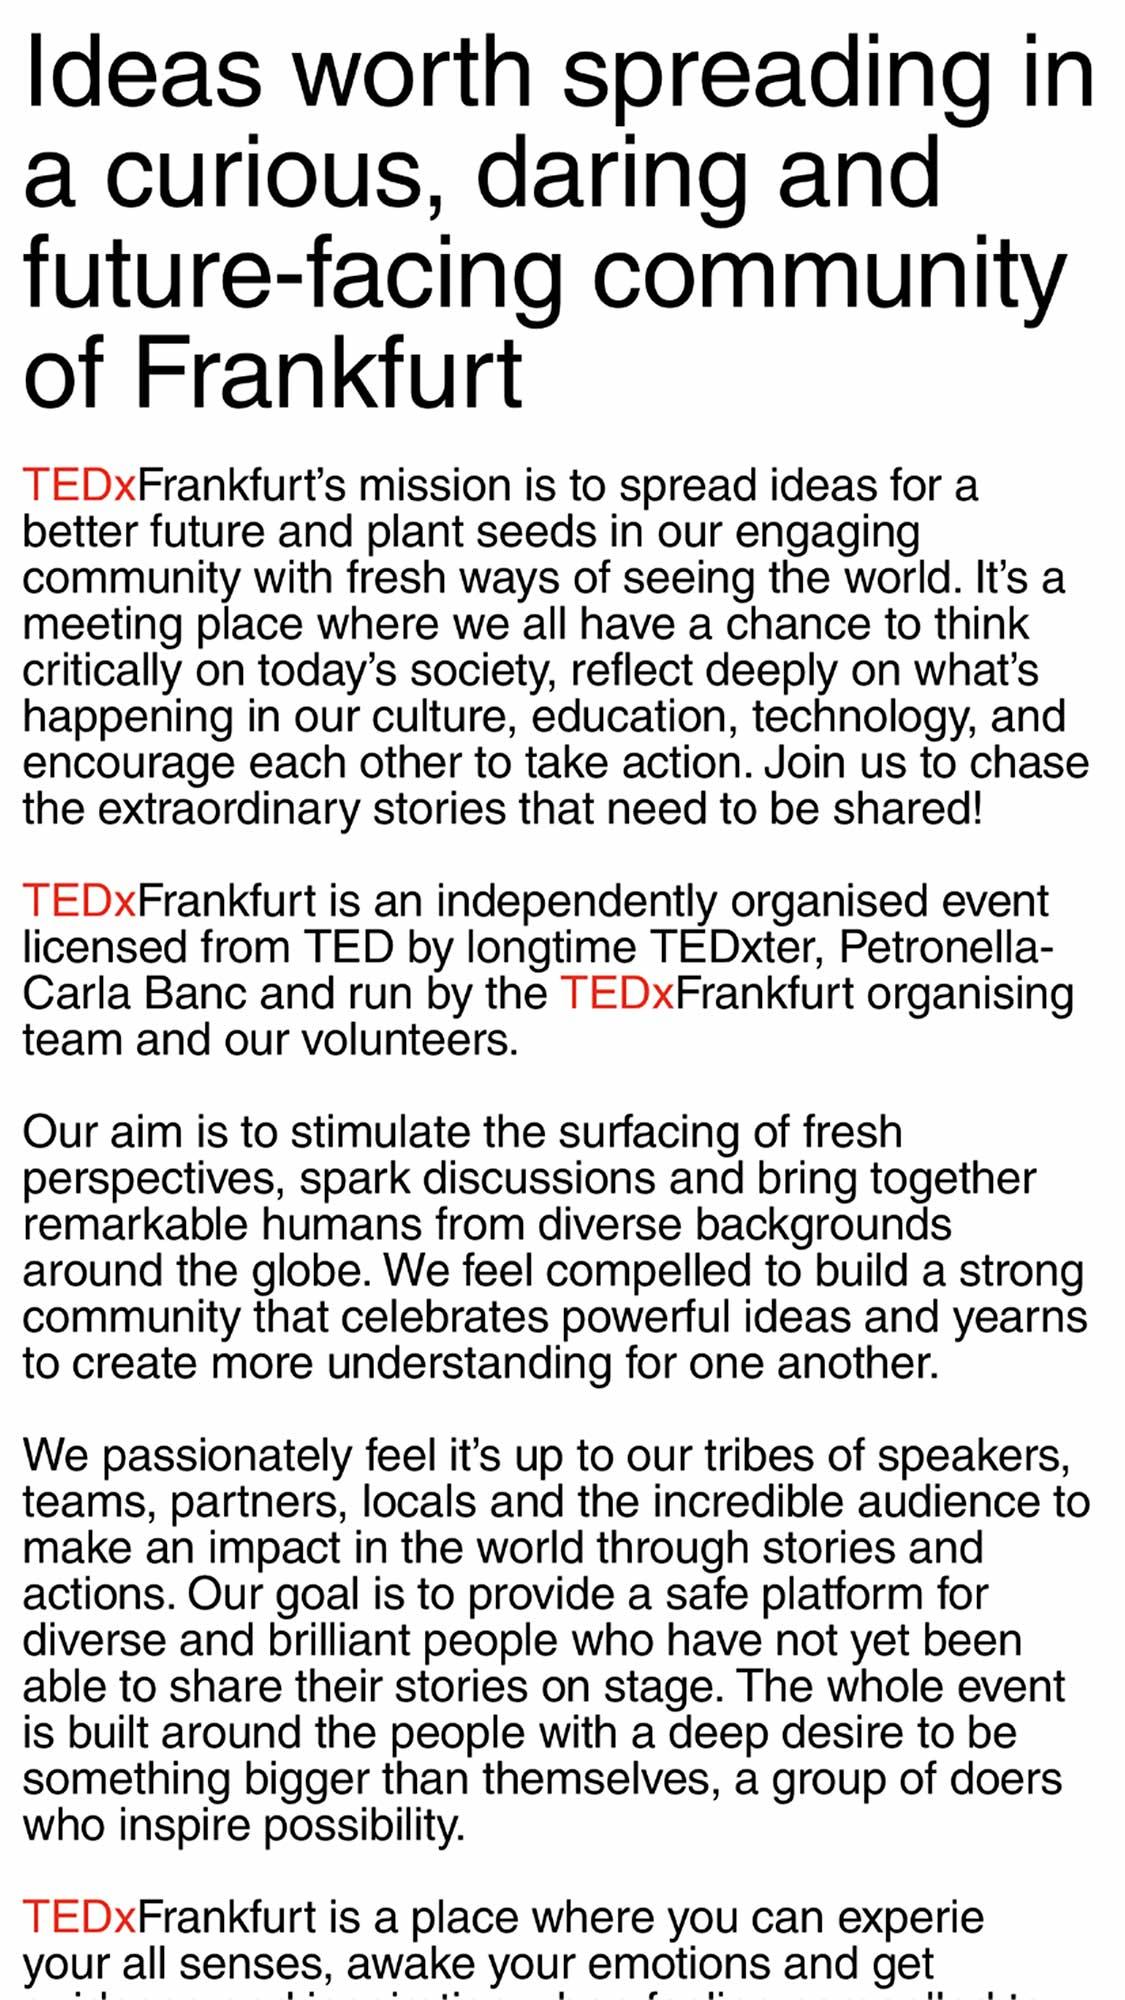 TEDX 8